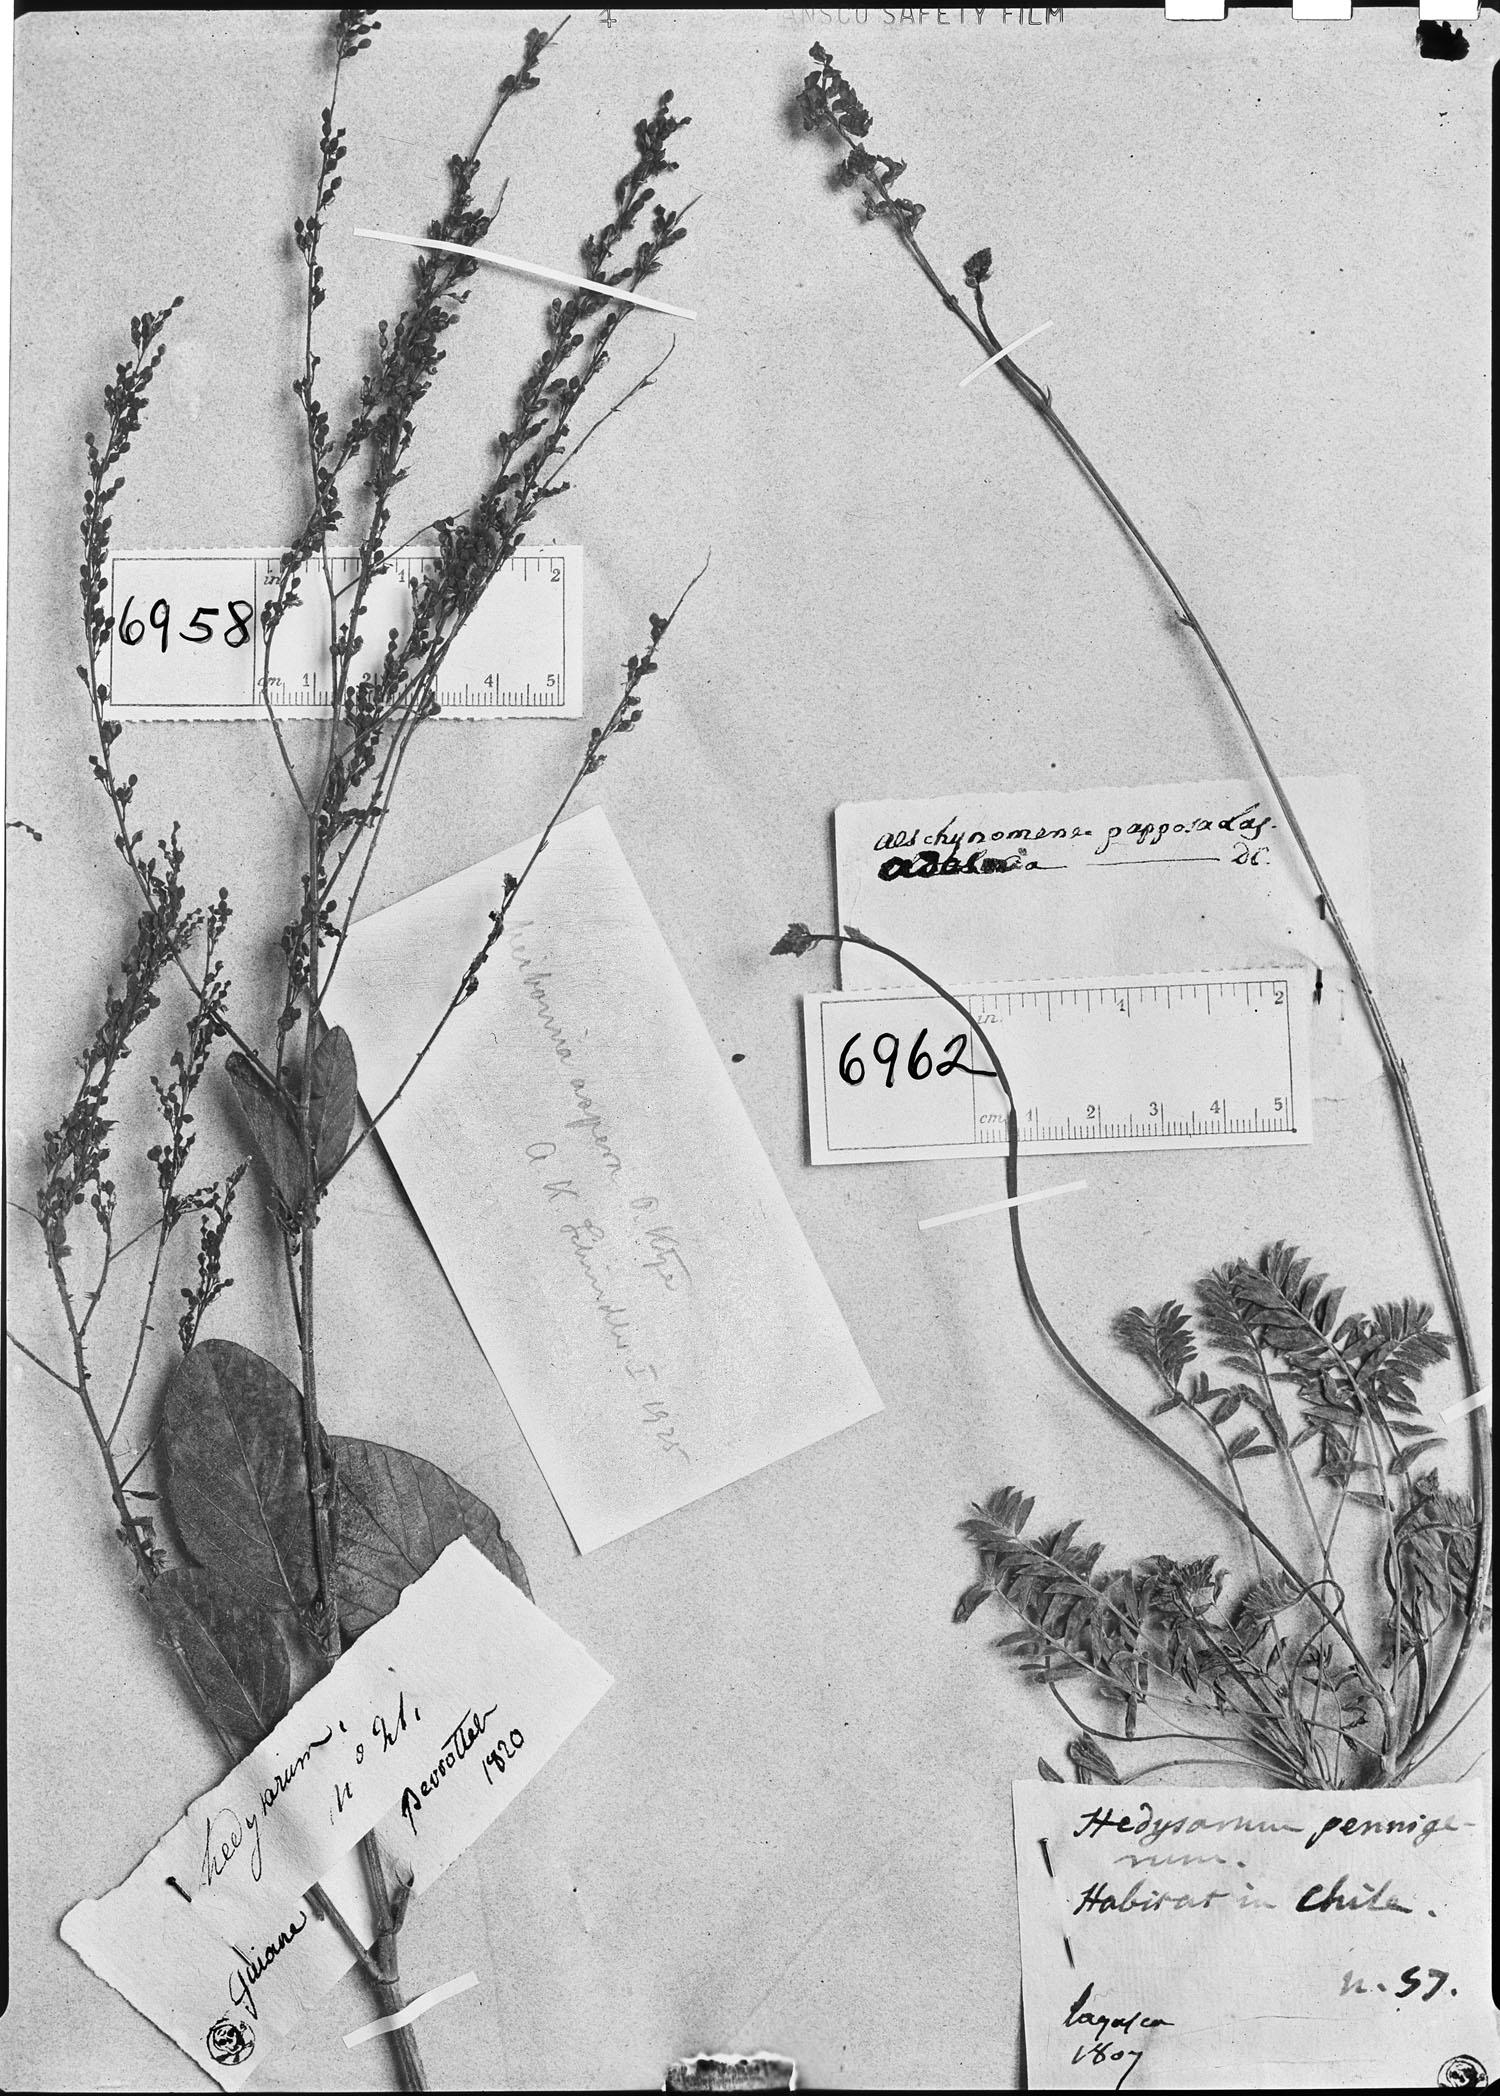 Adesmia papposa image